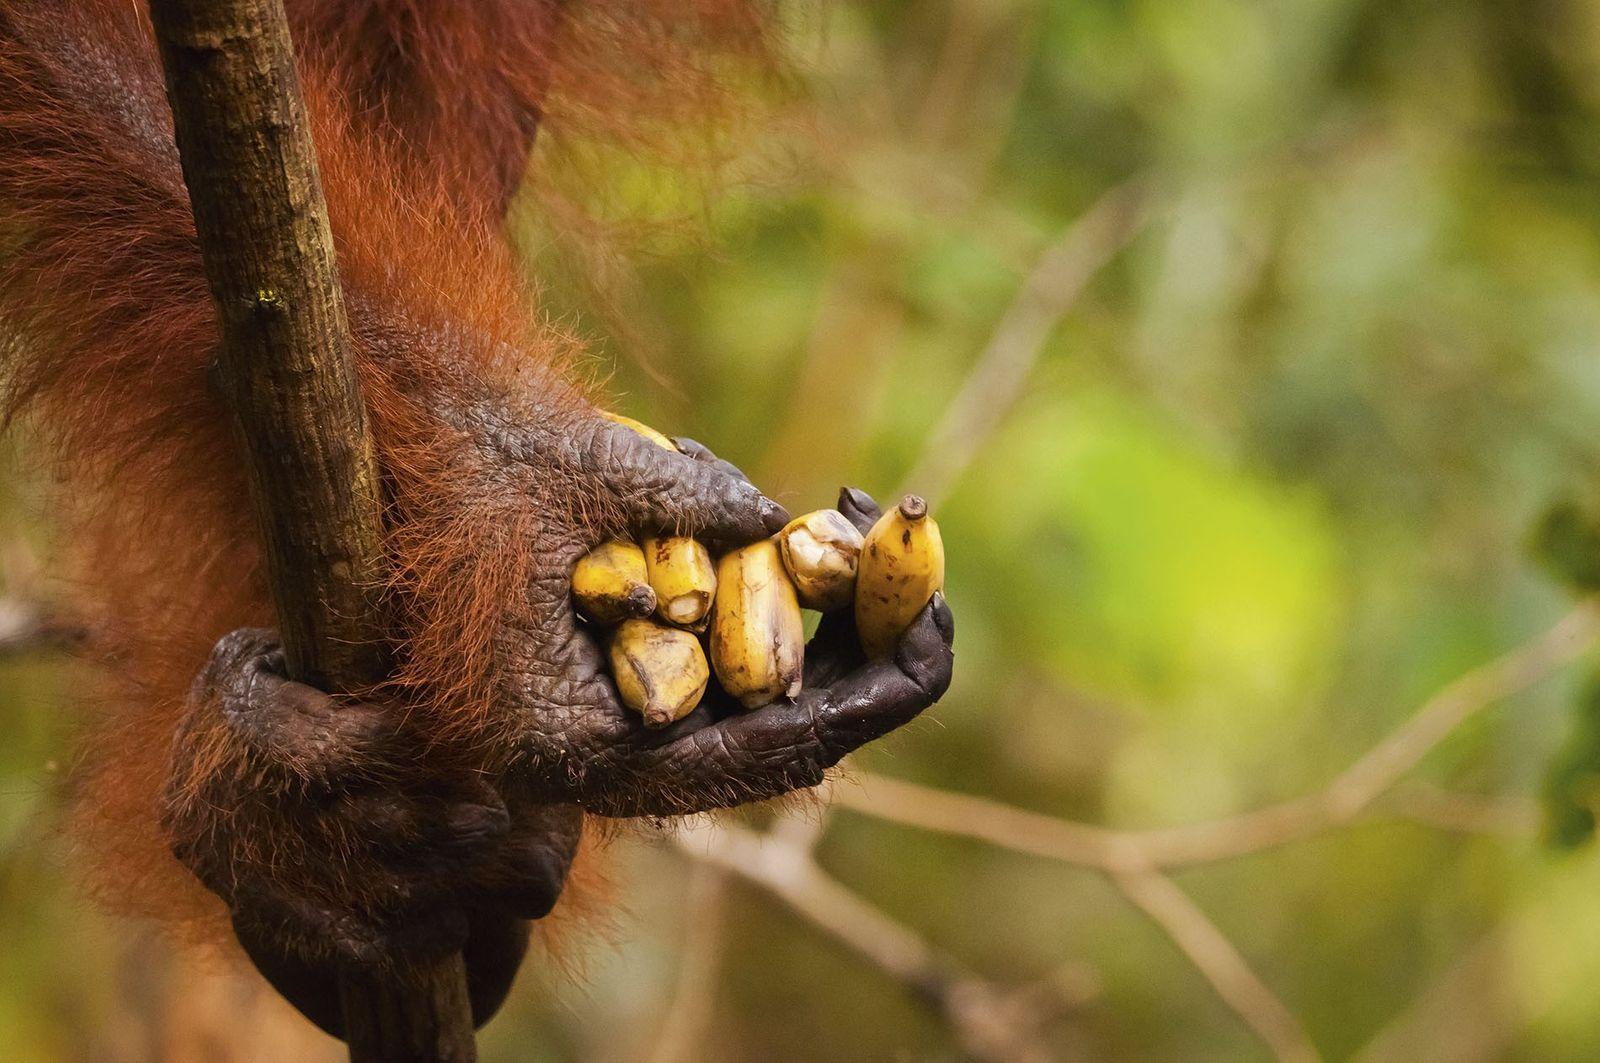 Meet the orangutans of Borneo